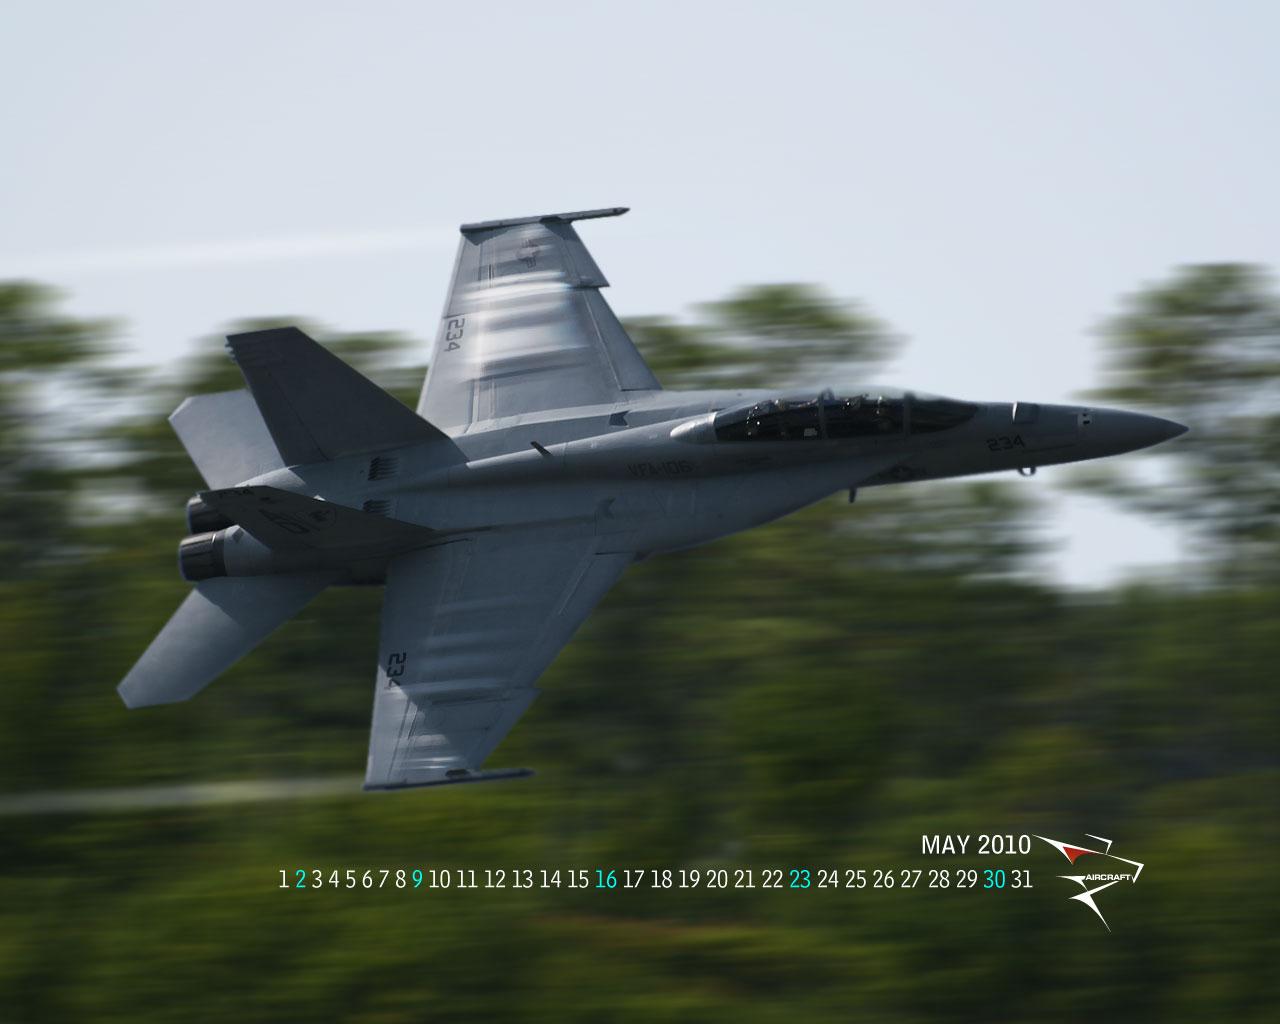 0047_F-18F_1280x1024_wallpaper.jpg